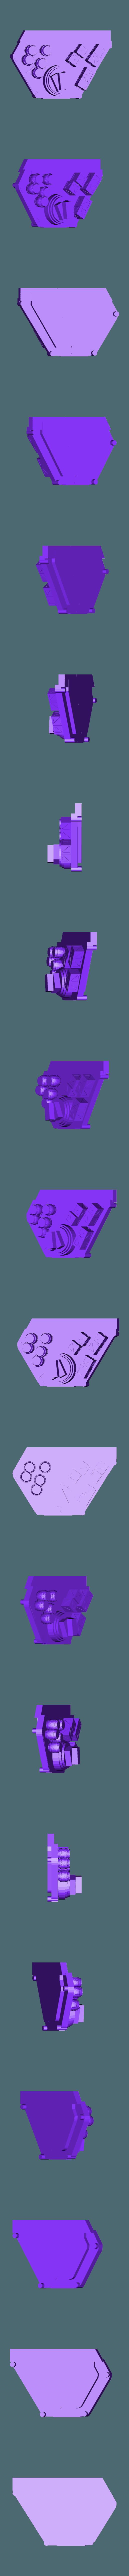 Catan_-_Harbor_Brick.stl Télécharger fichier STL gratuit Jeu complet de carreaux Catan - Buse simple, multicouches multicolores • Objet pour impression 3D, Hardcore3D